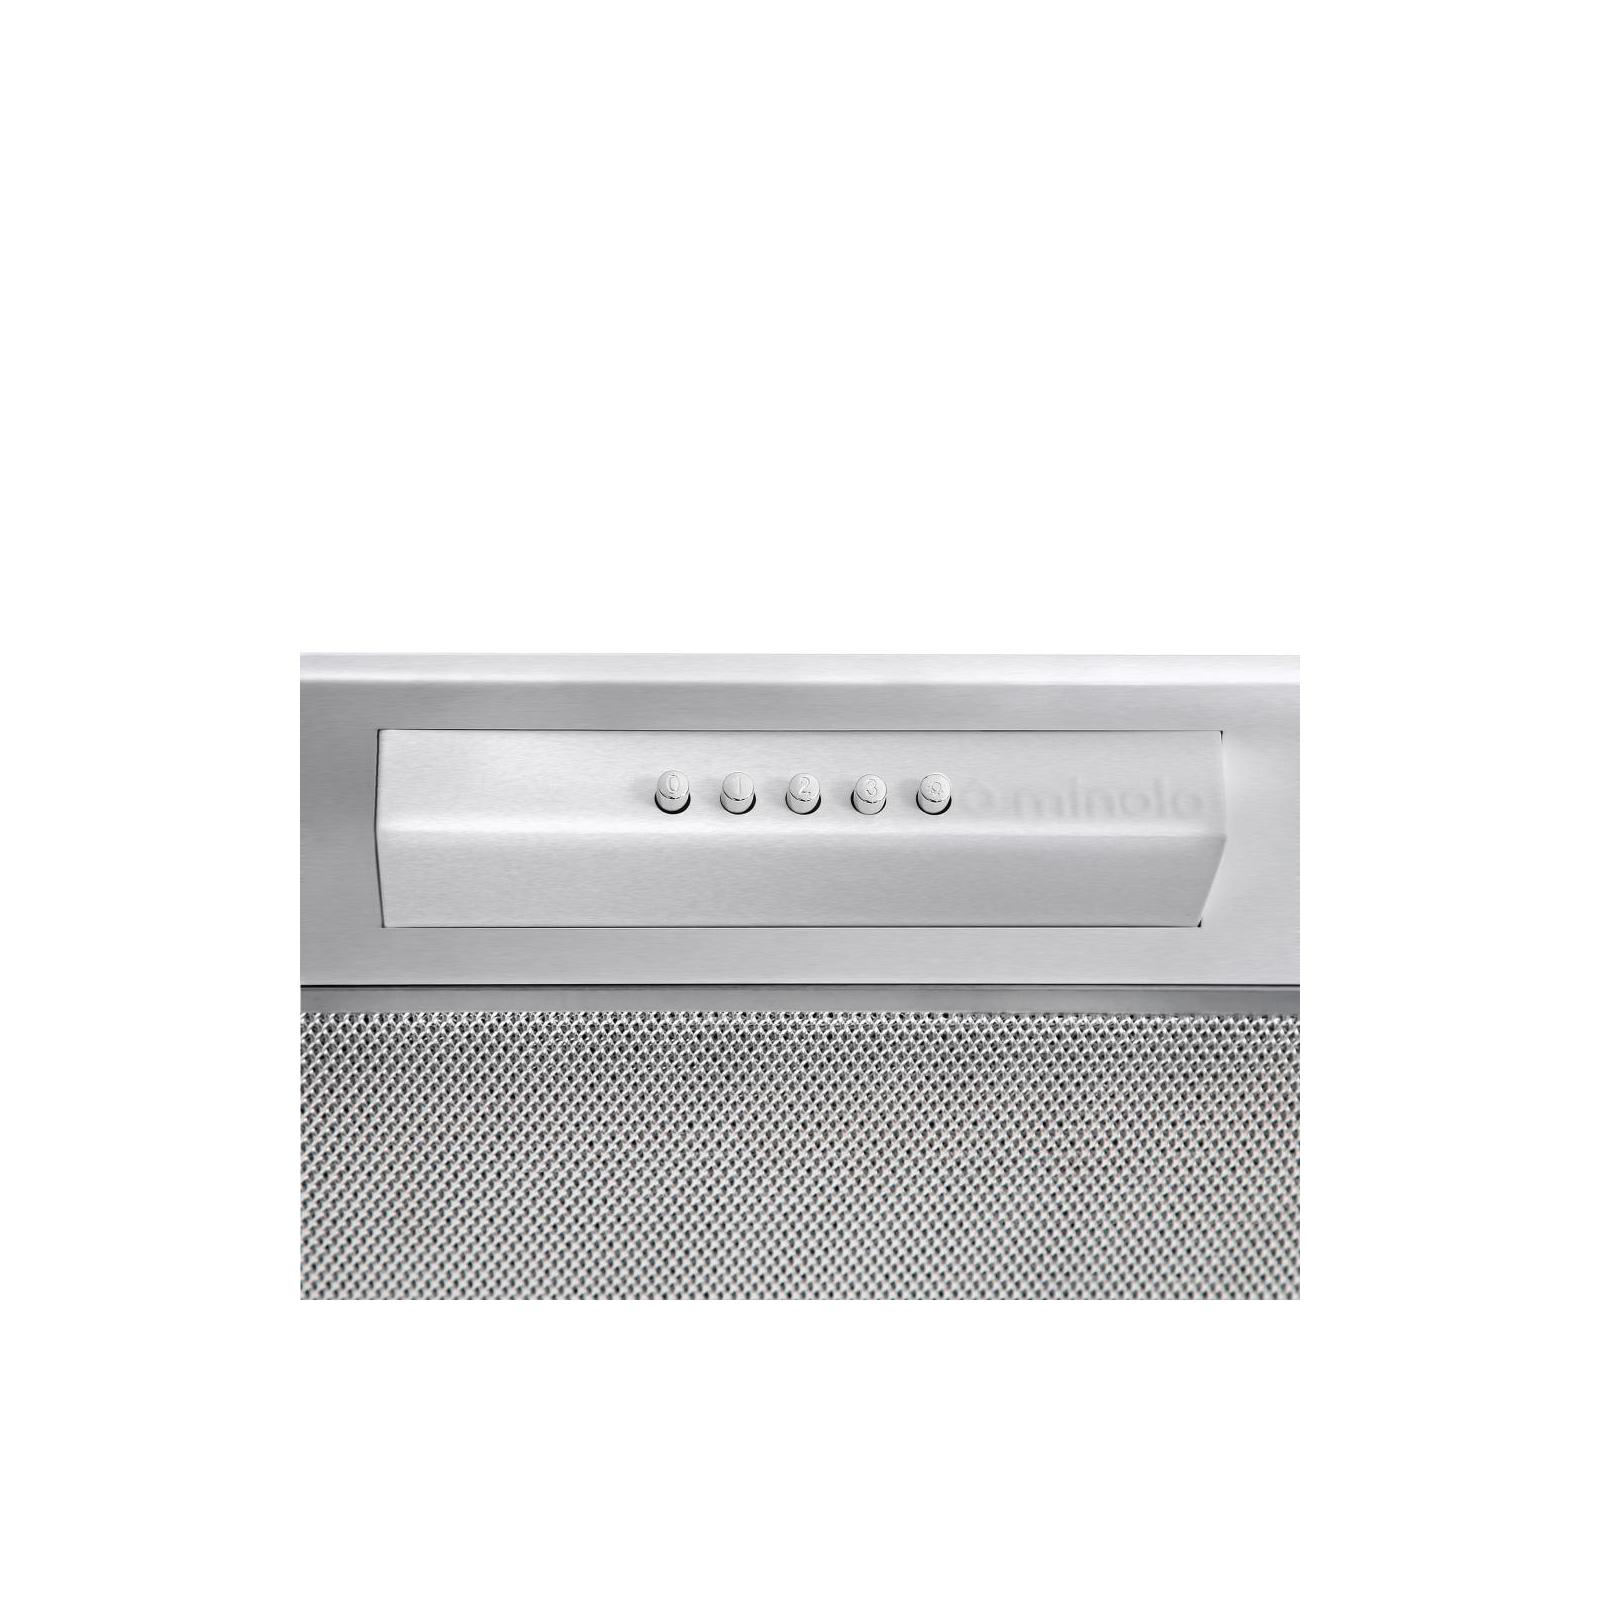 Вытяжка кухонная MINOLA HBI 7312 WH LED 750 изображение 2